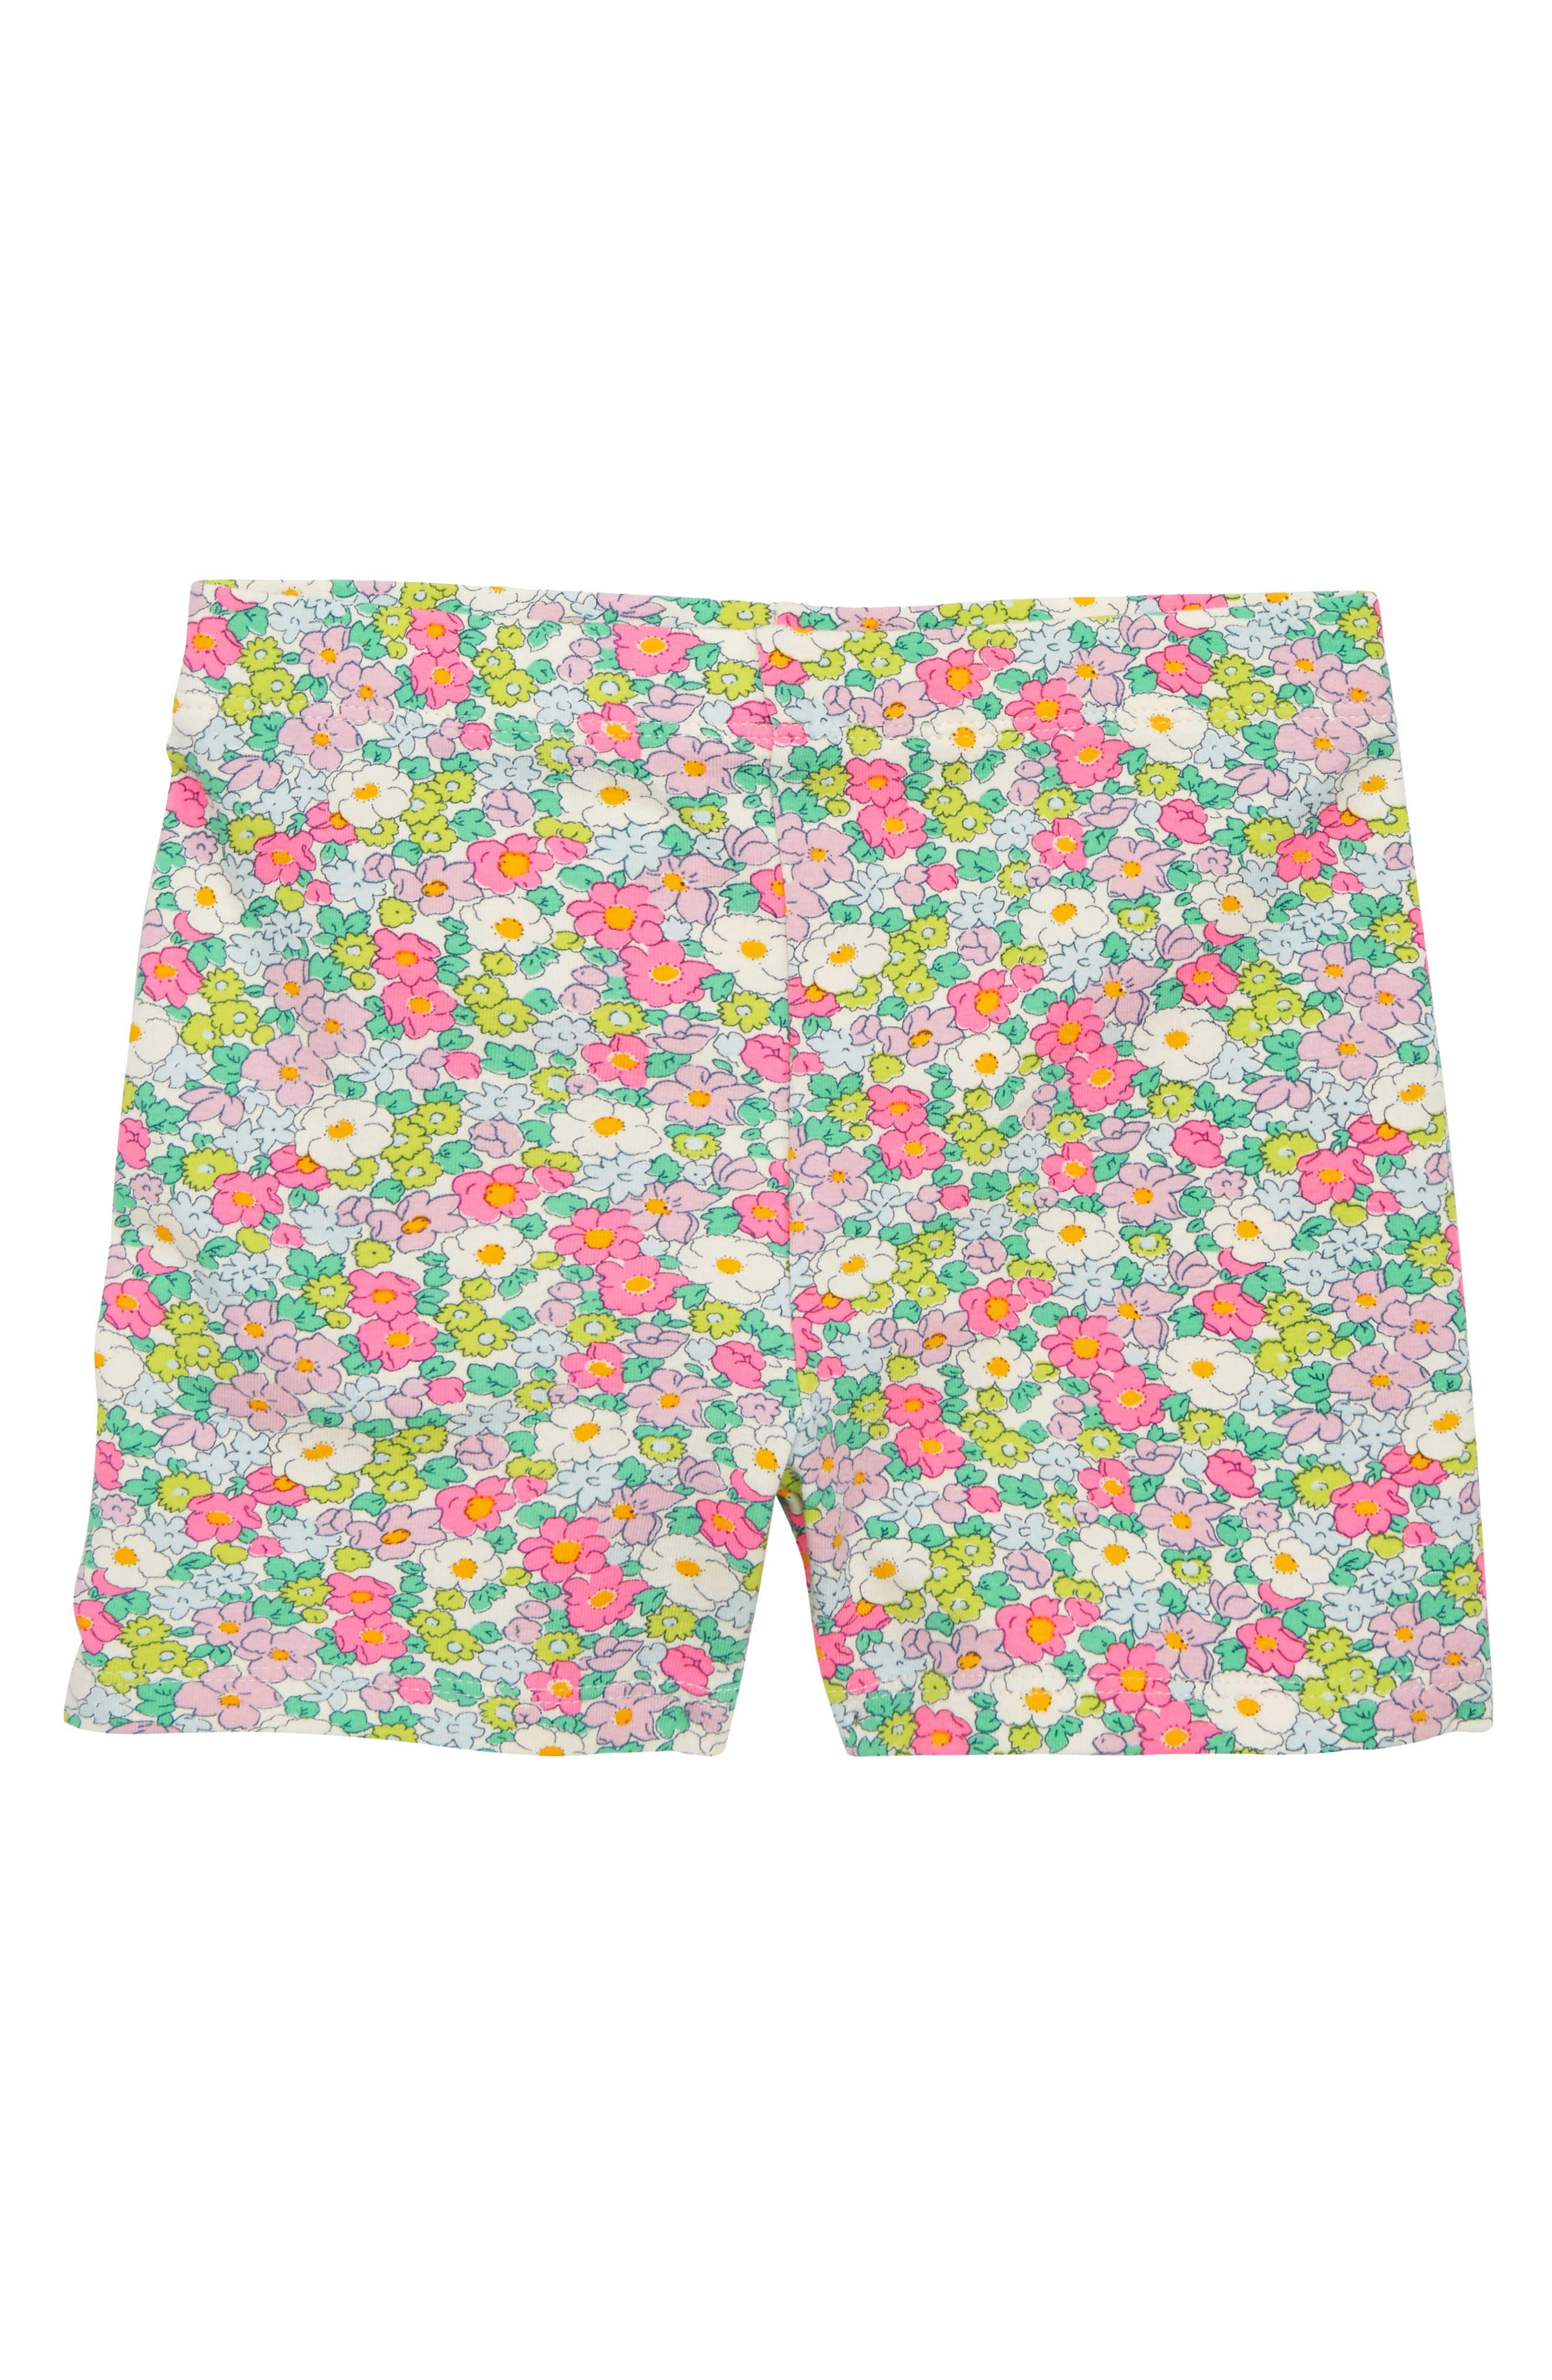 Jersey Shorts,                             Main thumbnail 1, color,                             Knockout Pink Vintag